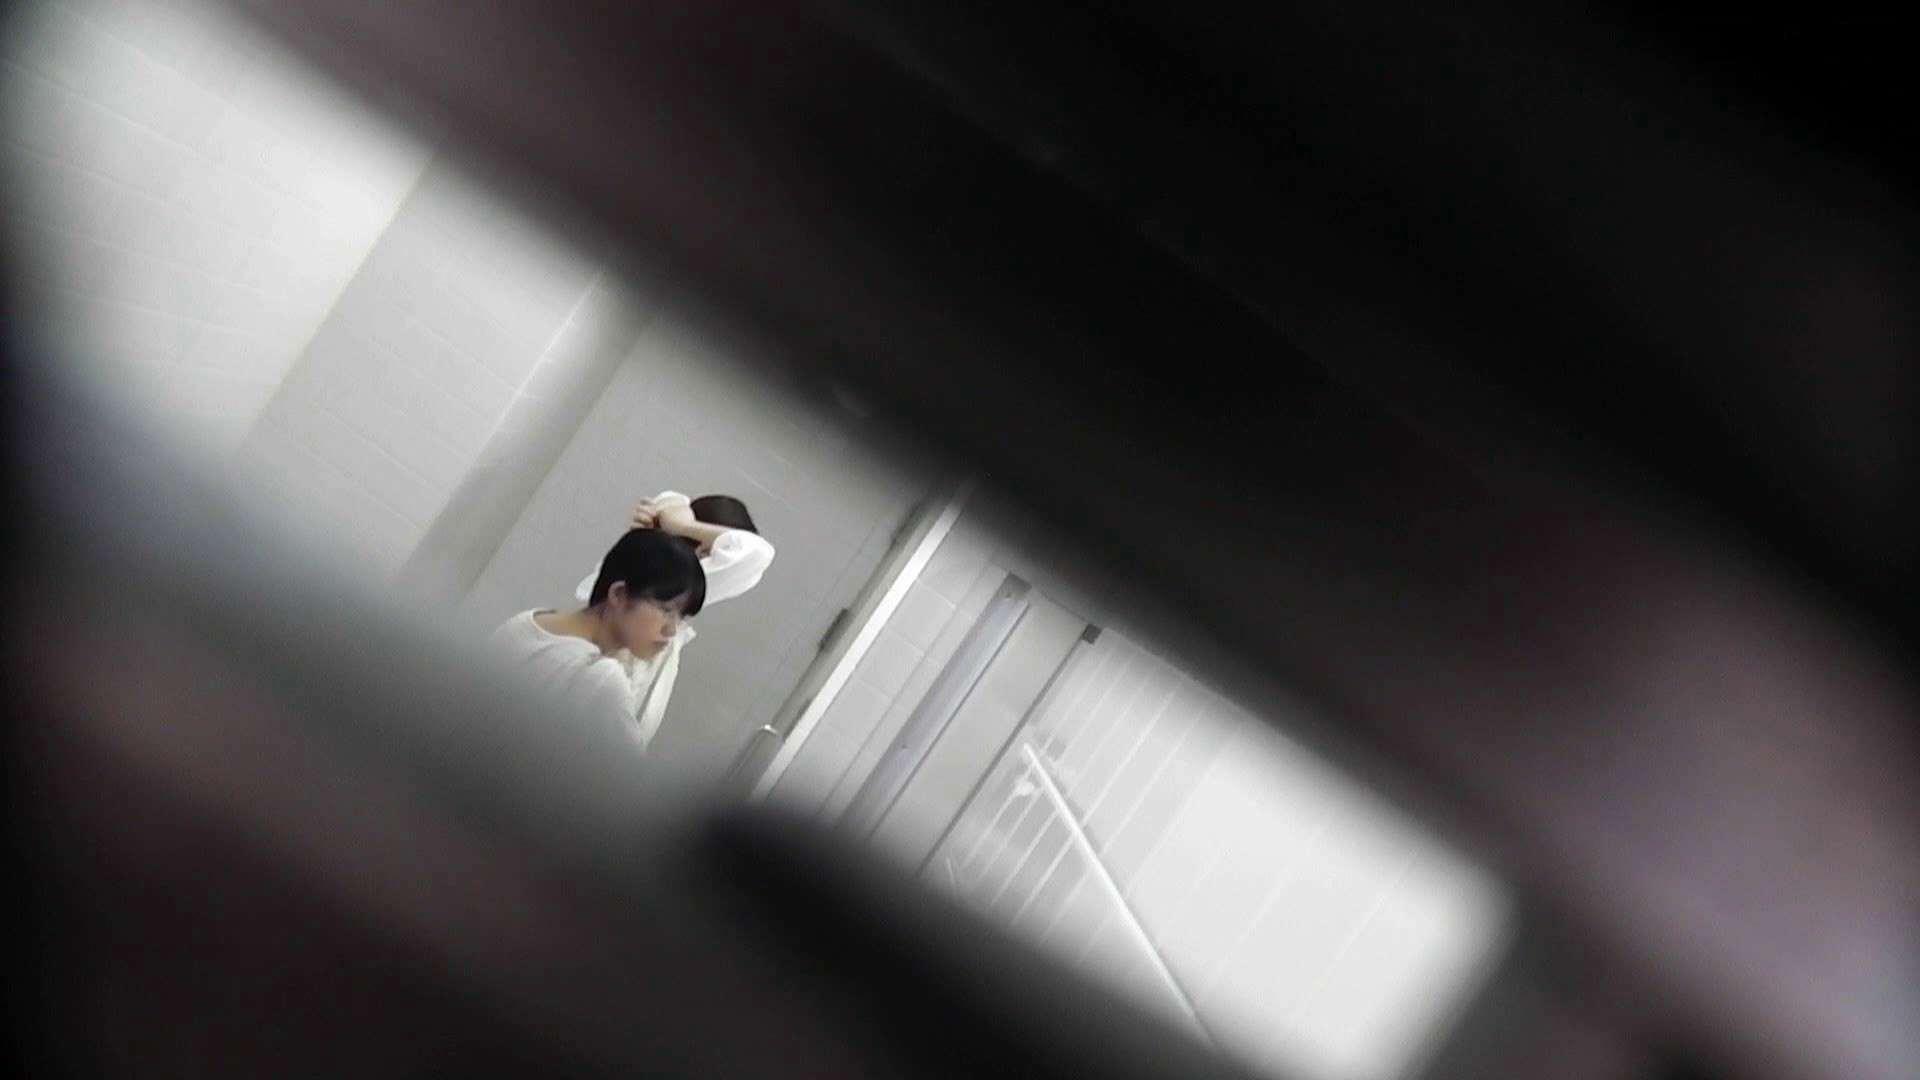 お銀 vol.72 あのかわいい子がついフロント撮り実演 ギャル攻め アダルト動画キャプチャ 71画像 16